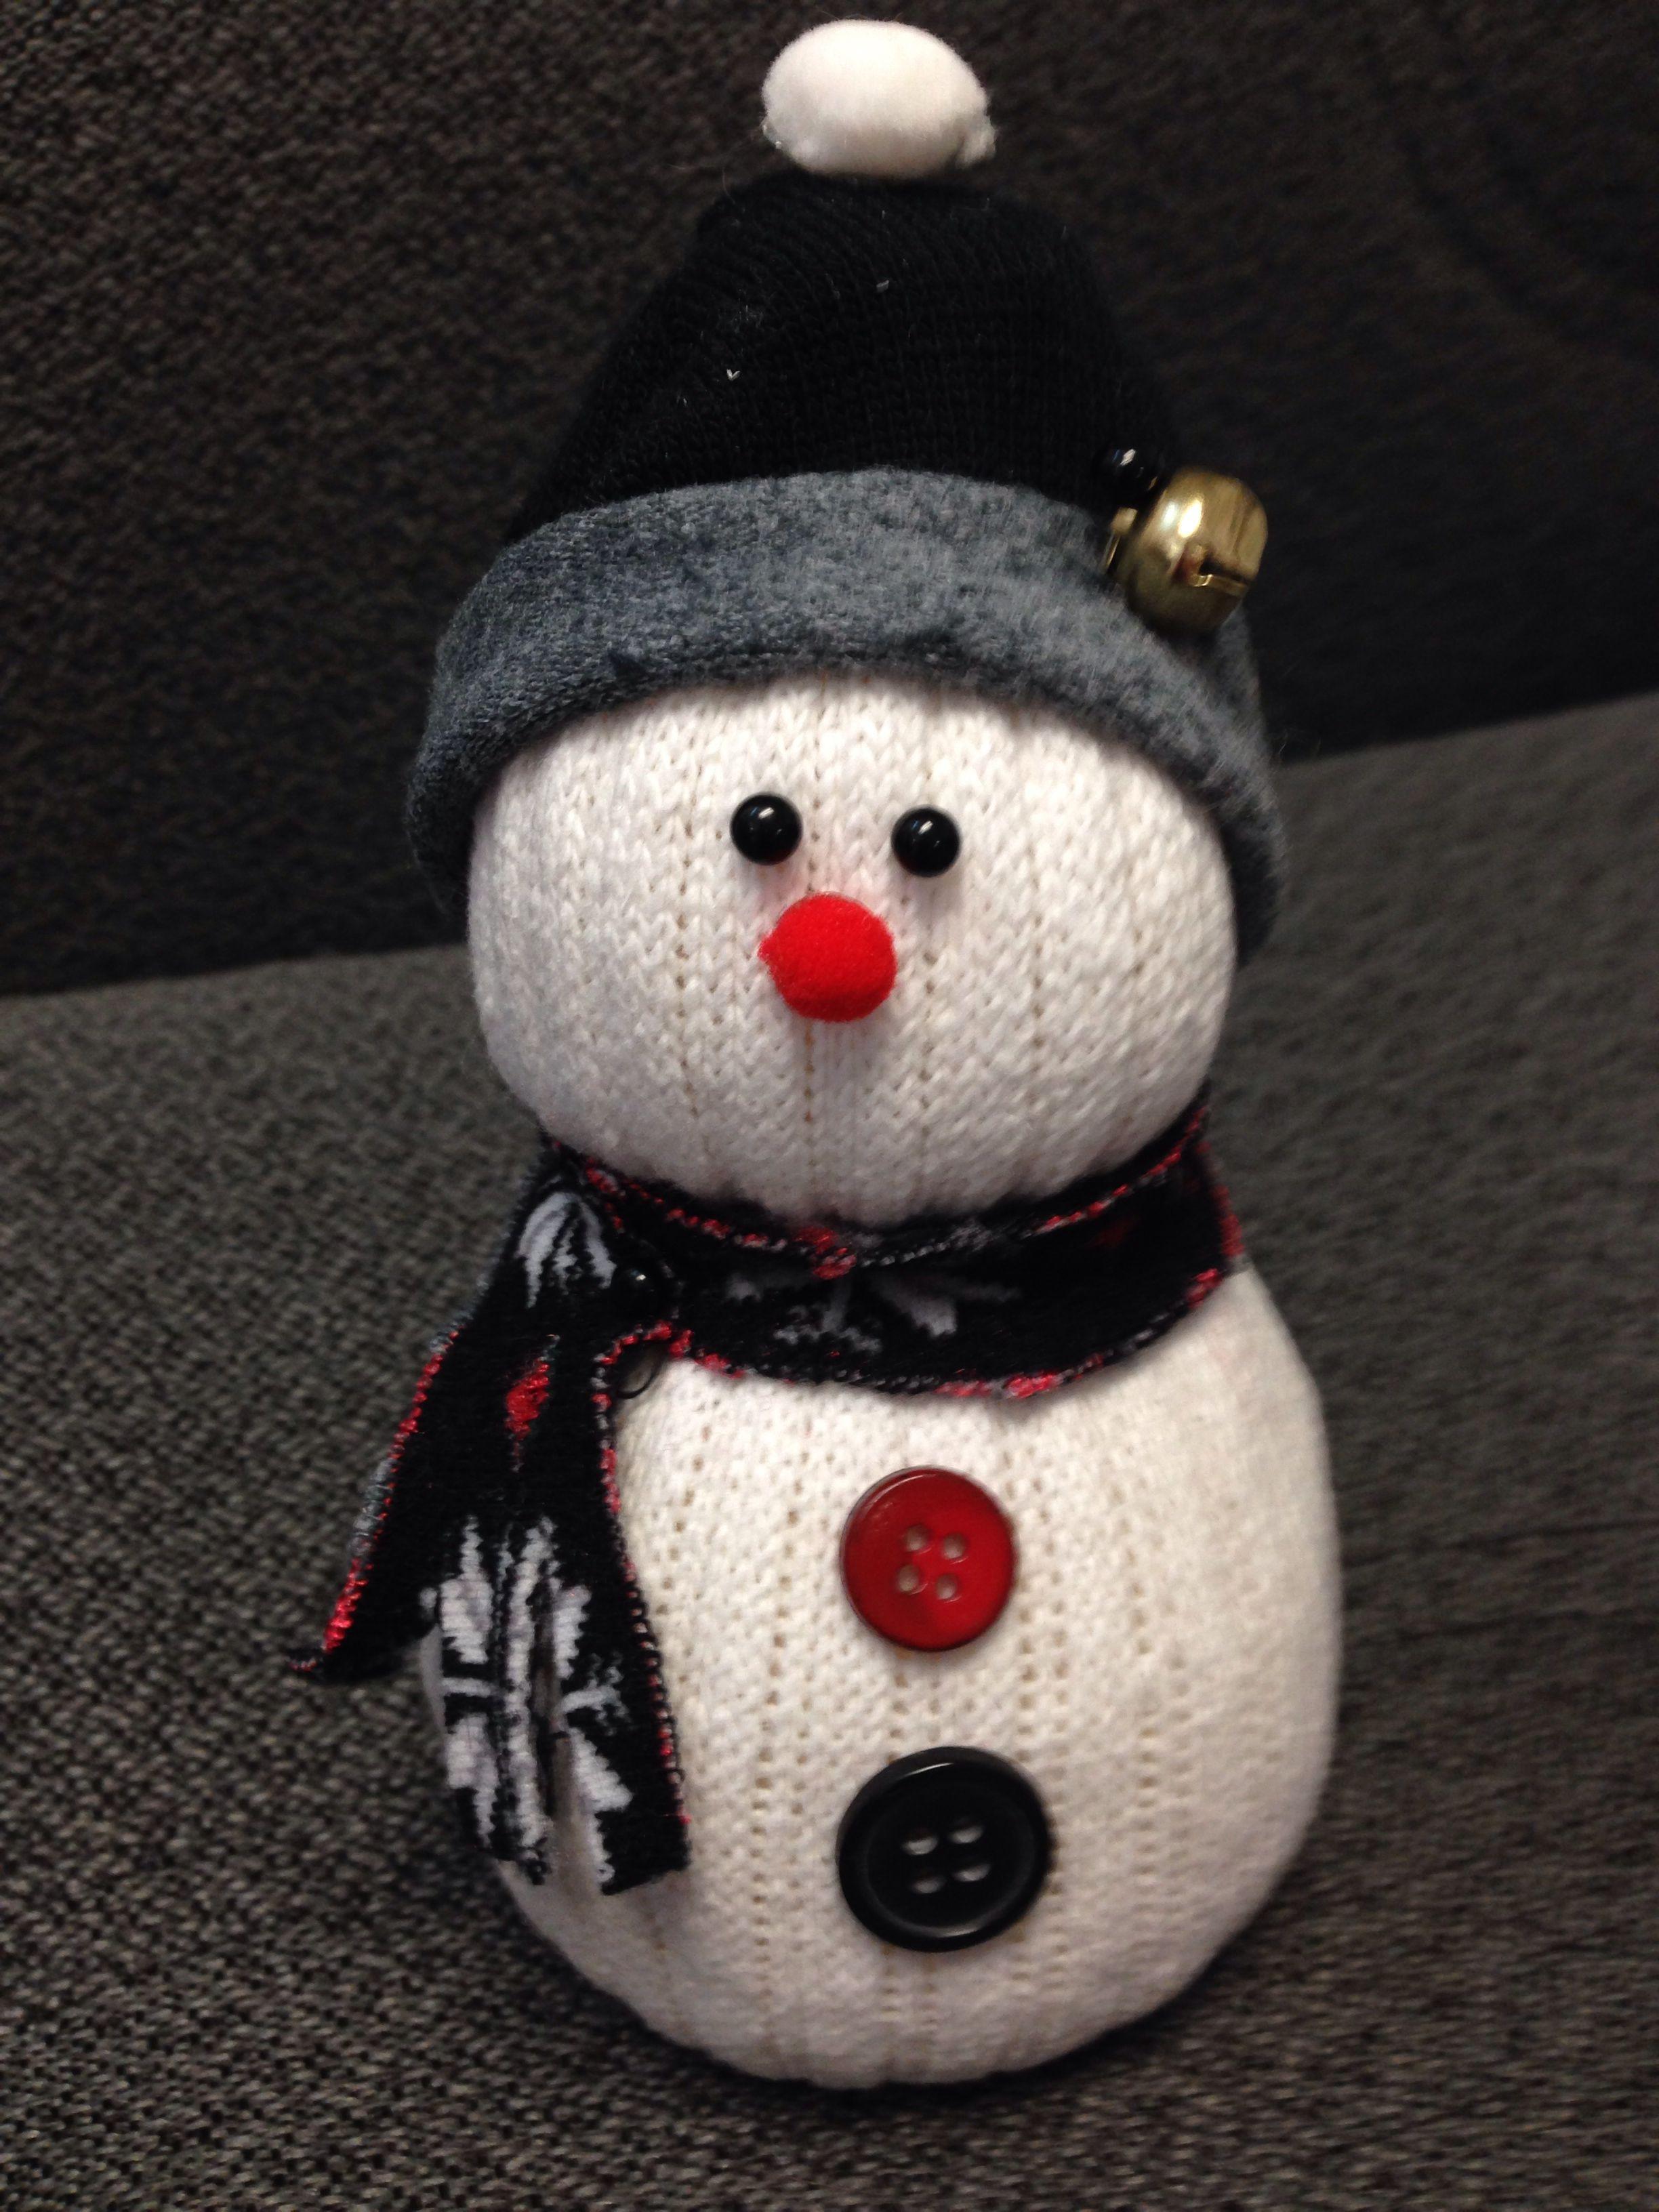 Bonhomme de neige noir et blanc bonhomme de neige 2 pinterest bonhomme de neige bonhomme - Pinterest bonhomme de neige ...